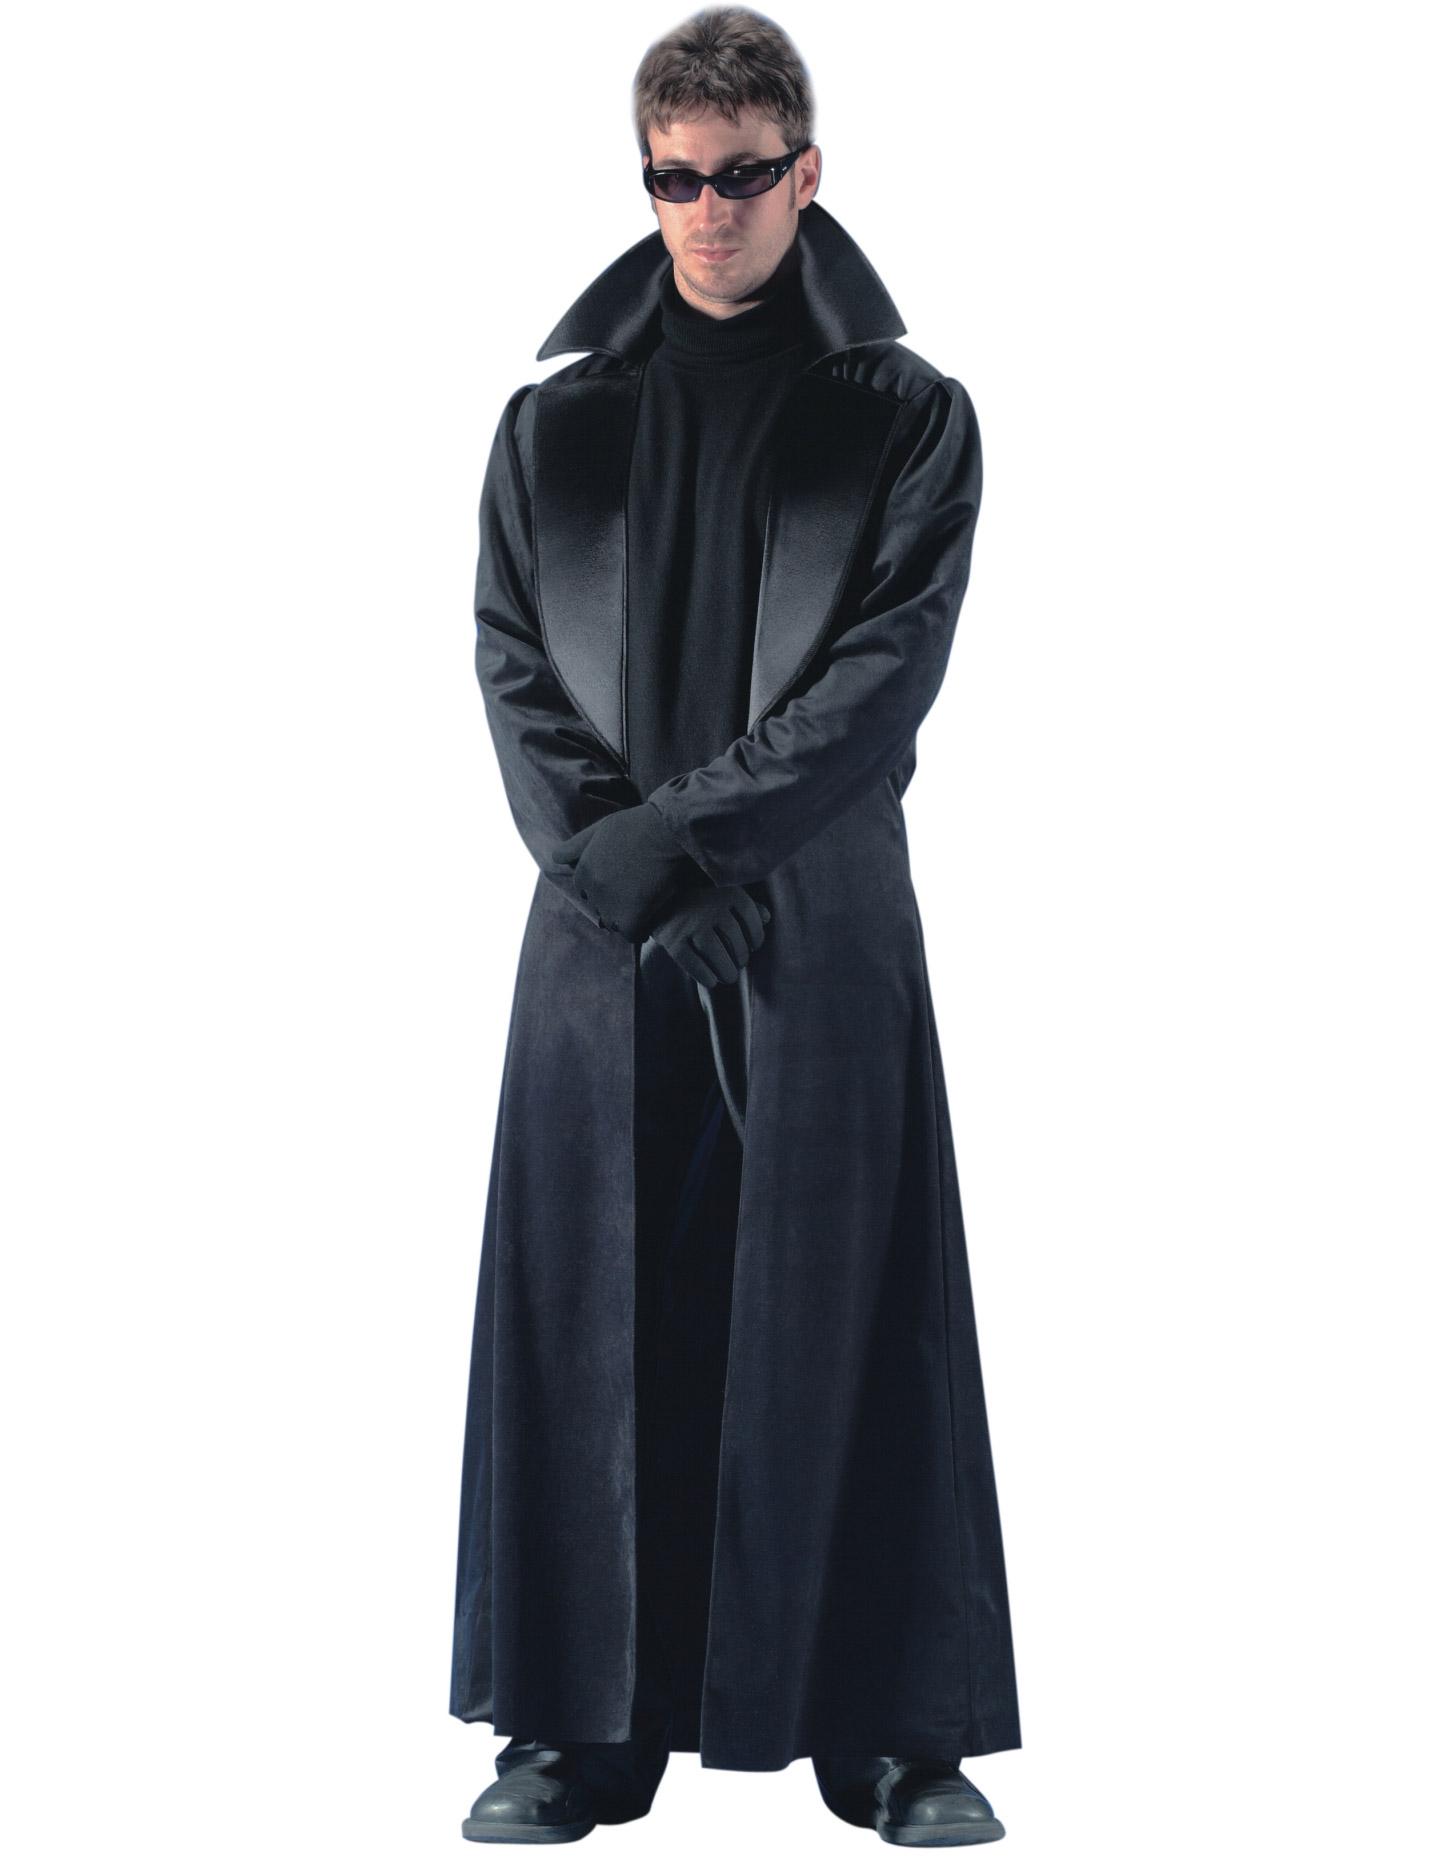 Deguisement Manteau Long Noir Homme Deguise Toi Achat De